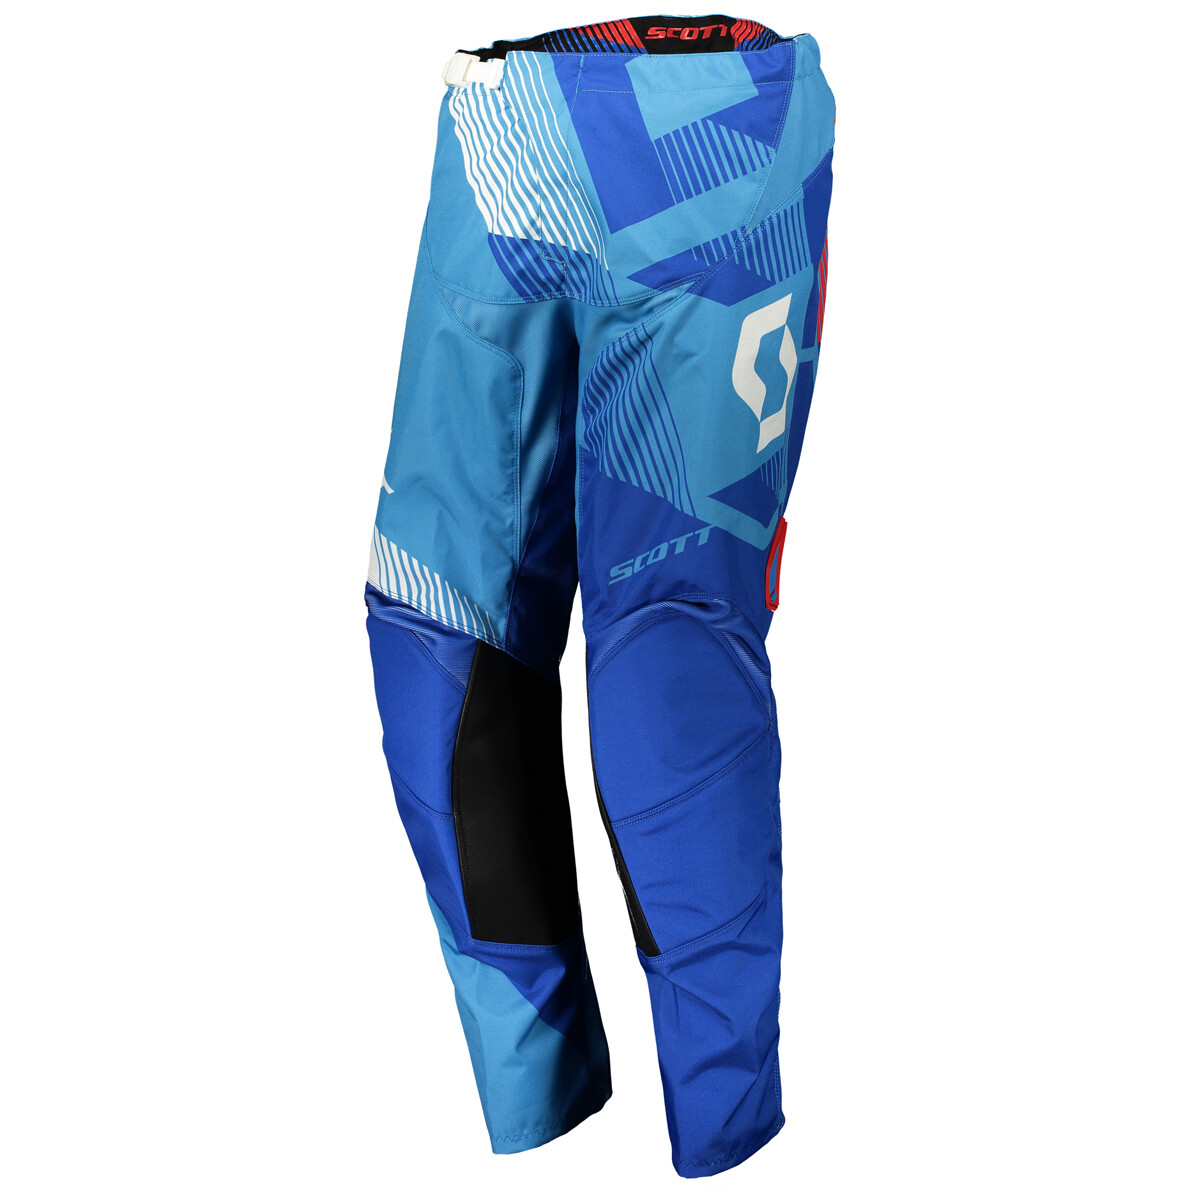 BIKSES SCOTT 350 DIRT BLUE/WHITE (32)